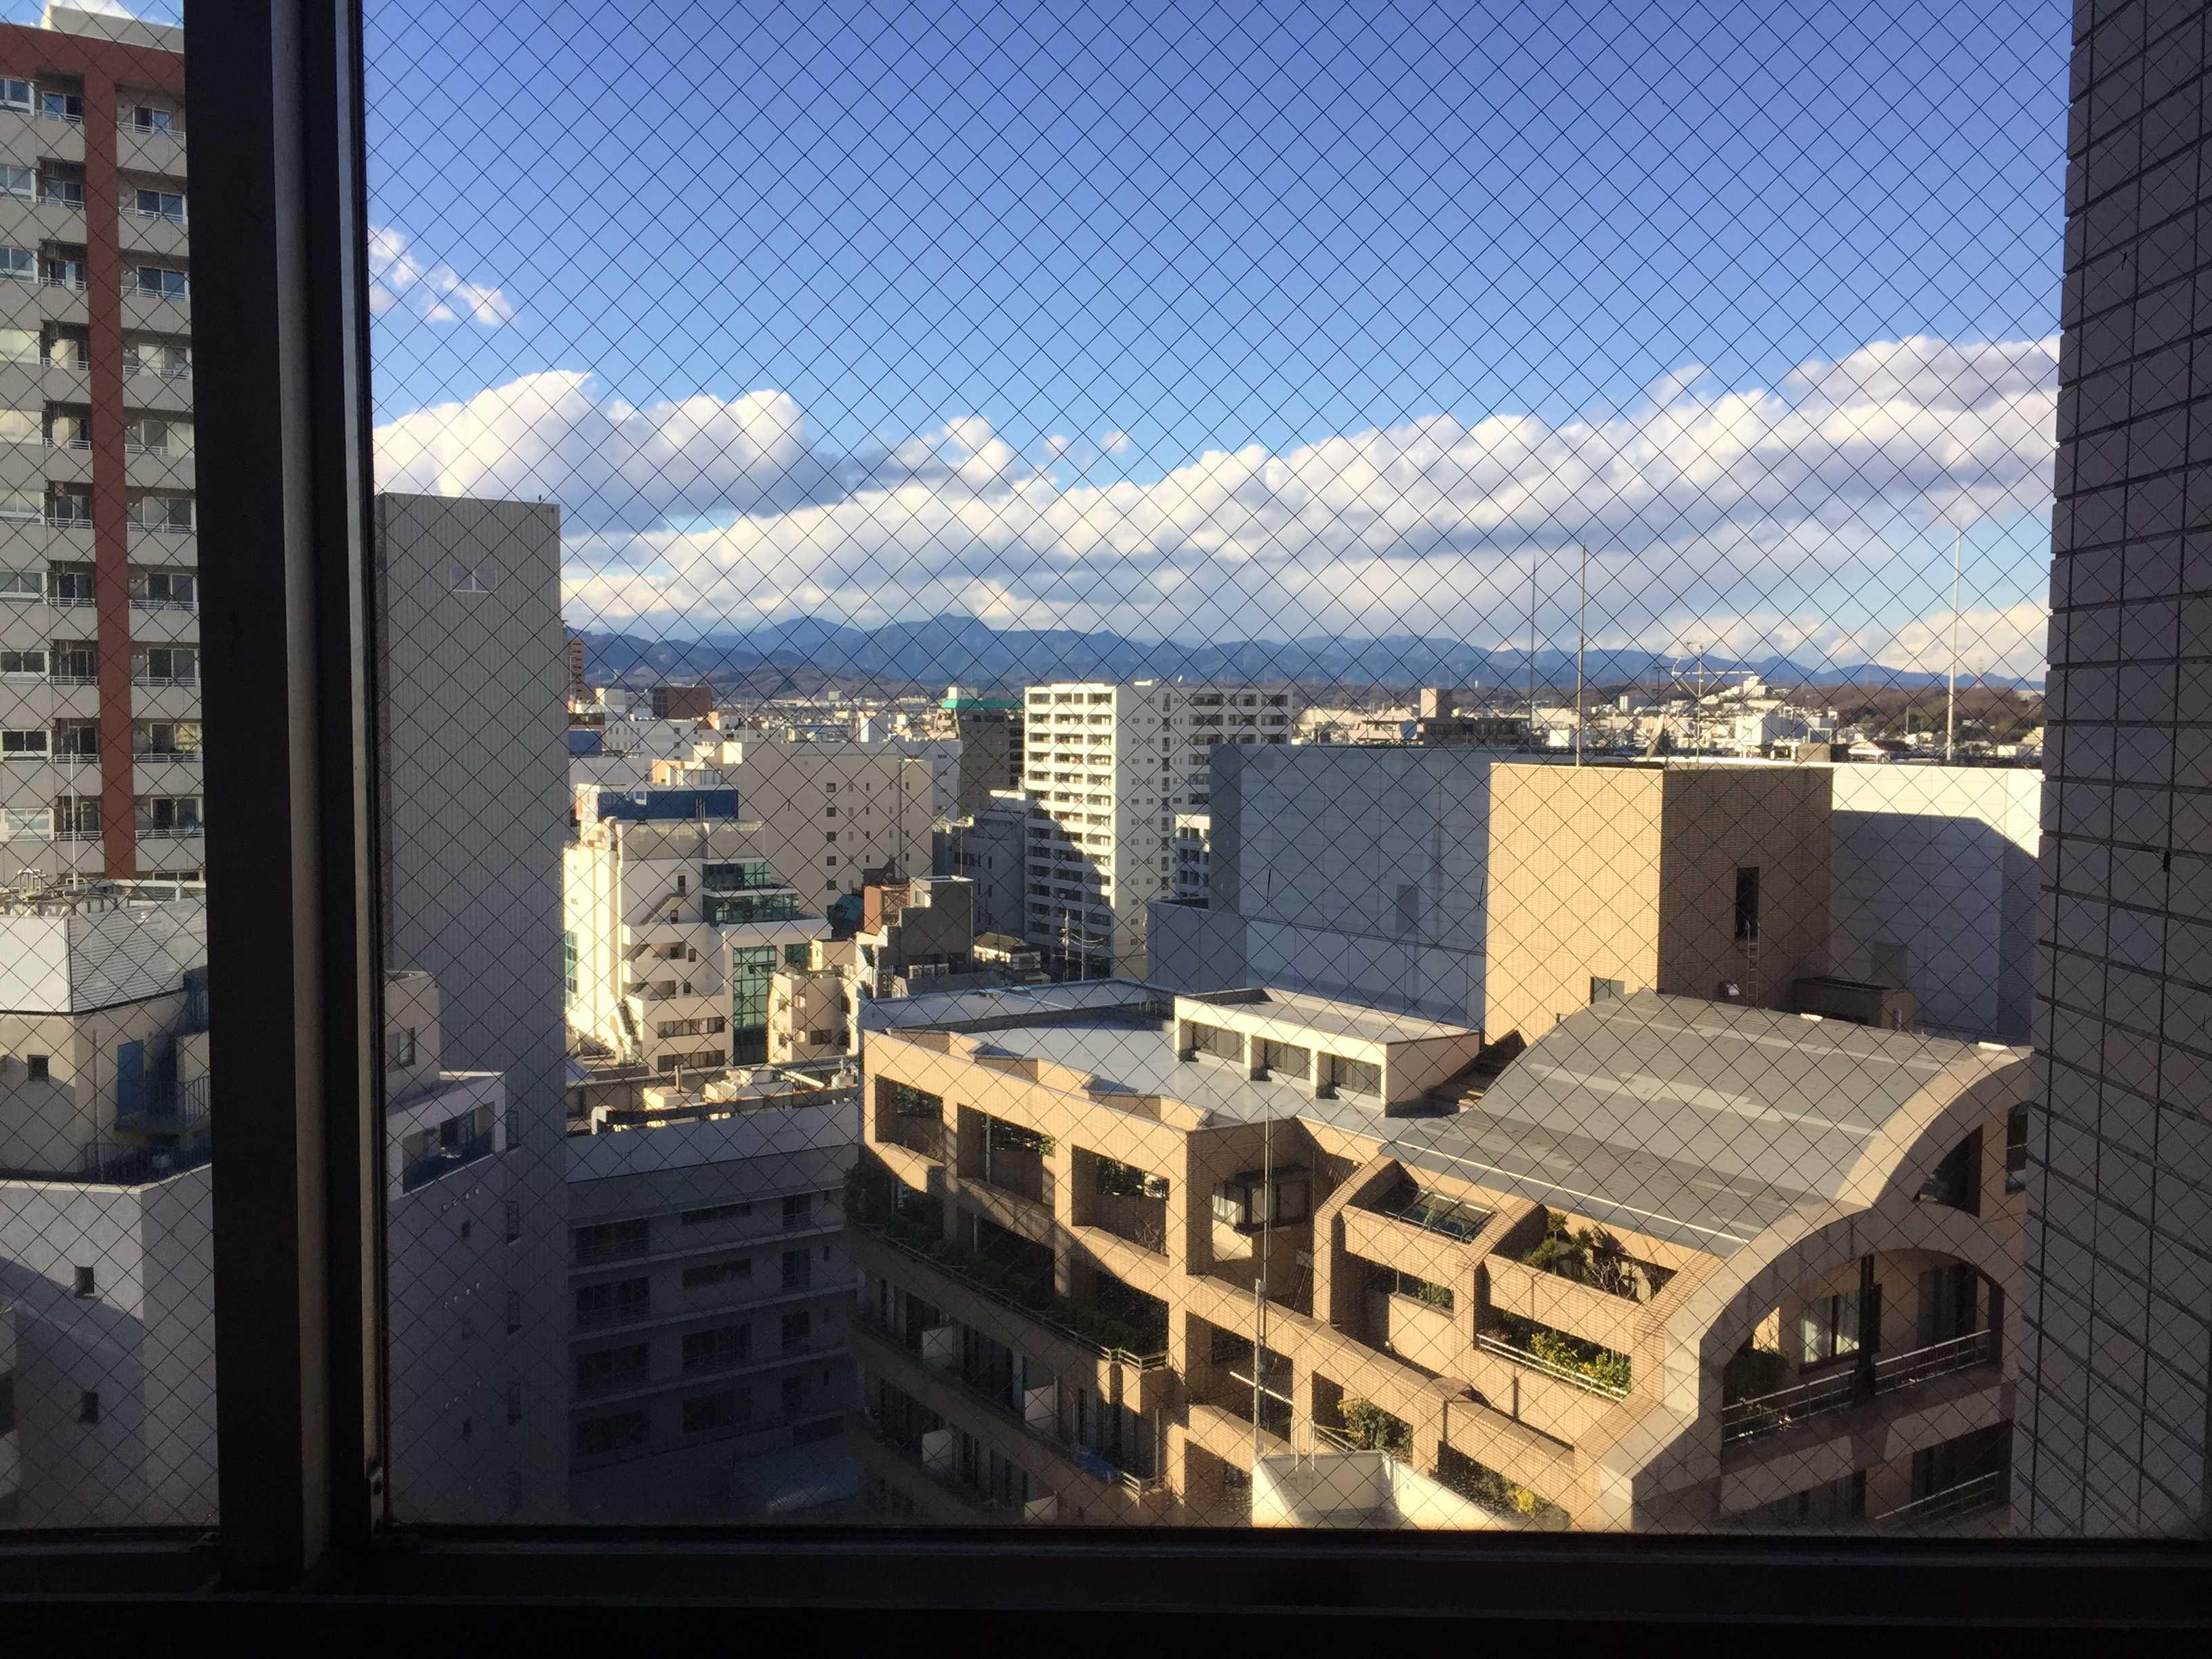 京王八王子の駅ビルから見えた12月23日の八王子の町並みと山並み